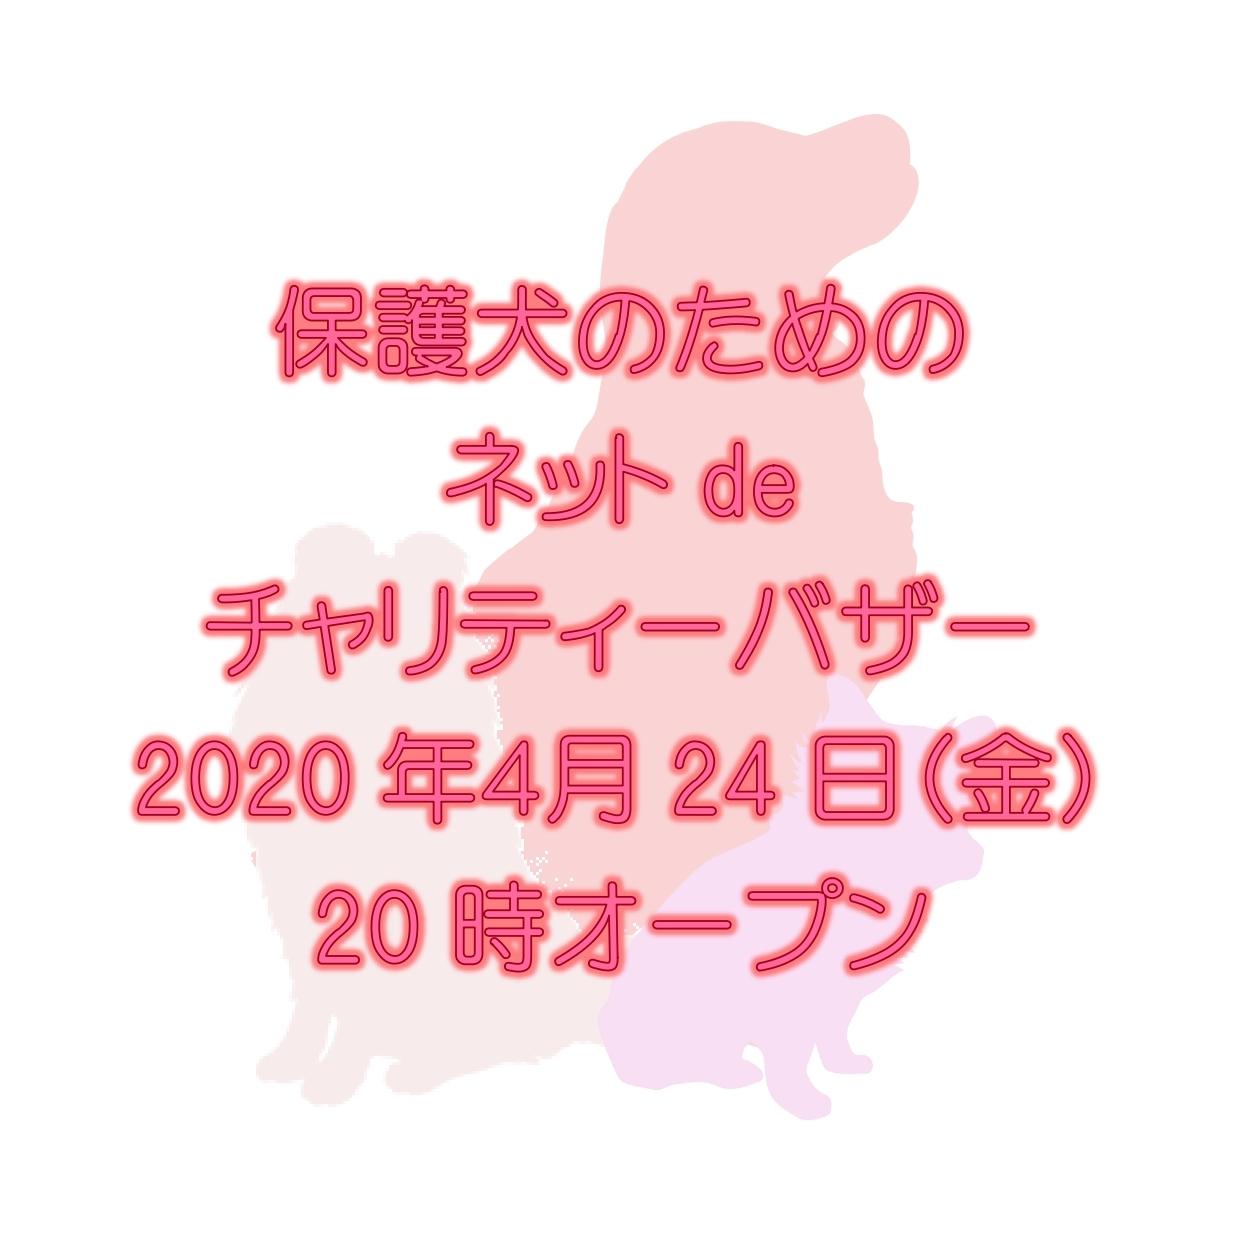 ☆4月24日ネットdeチャリティーバザー開催決定!_d0356729_01030658.jpg